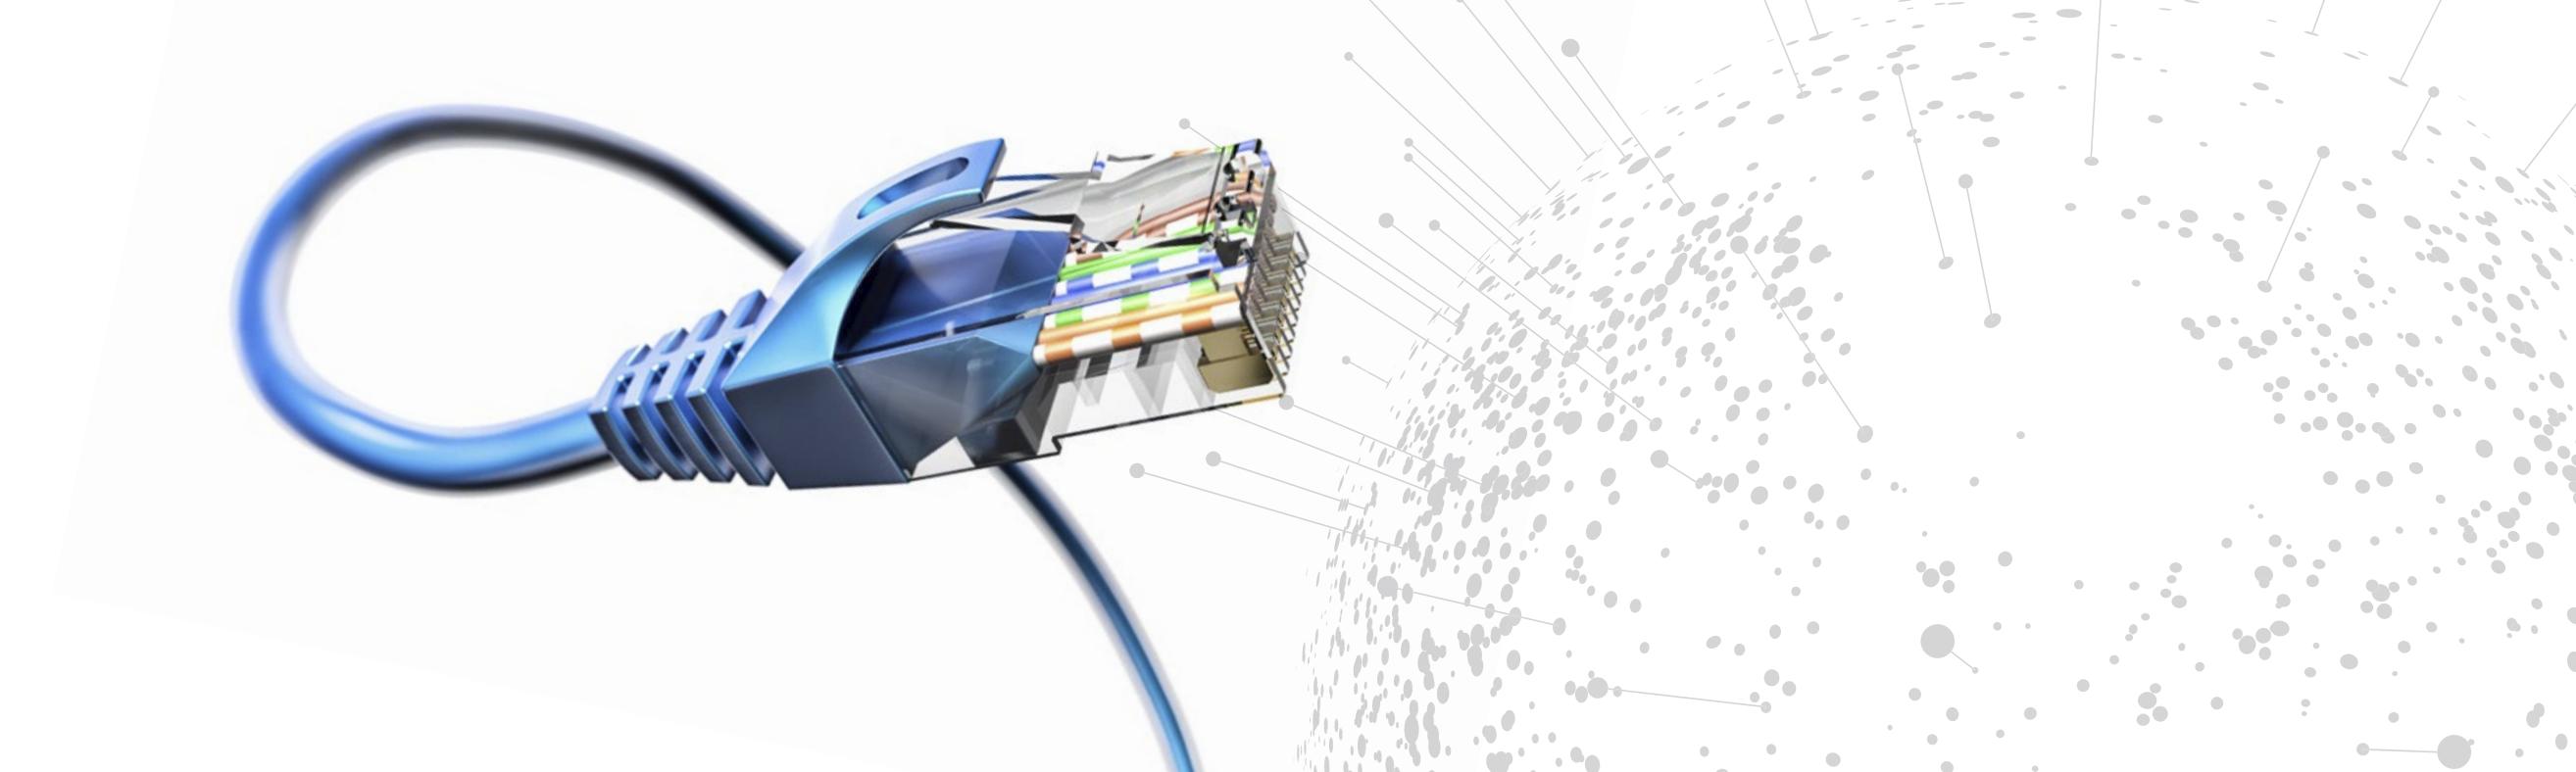 Digital testing for Ethernet PAM4